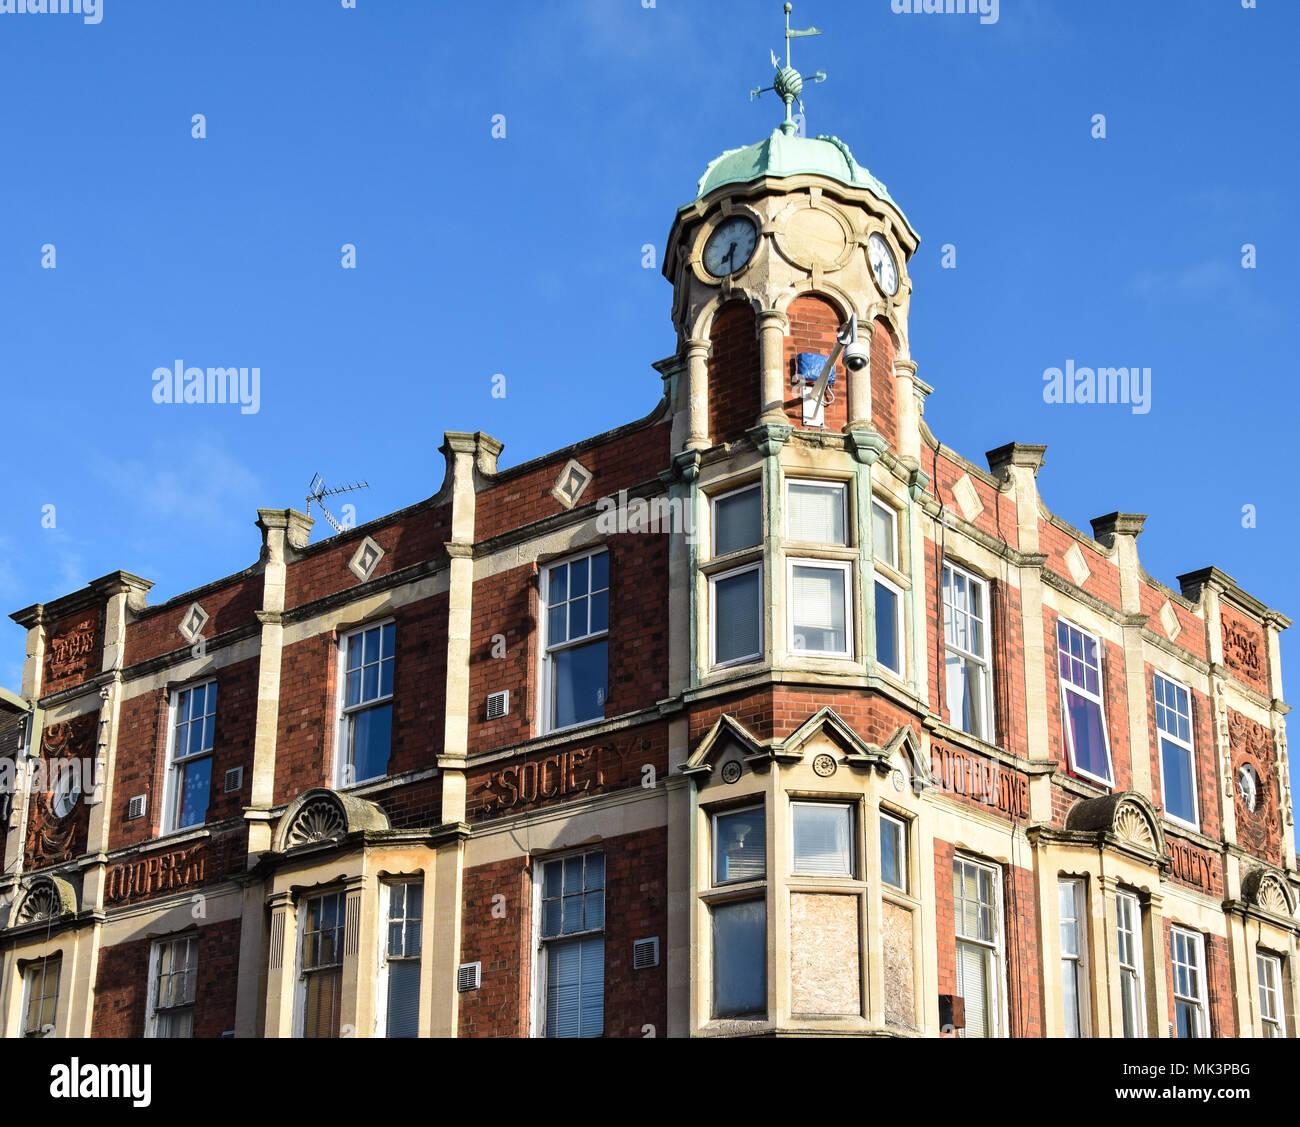 Banbury, Angleterre - le 29 novembre 2017: ancien bâtiment victorien Co op de St George Photo Stock